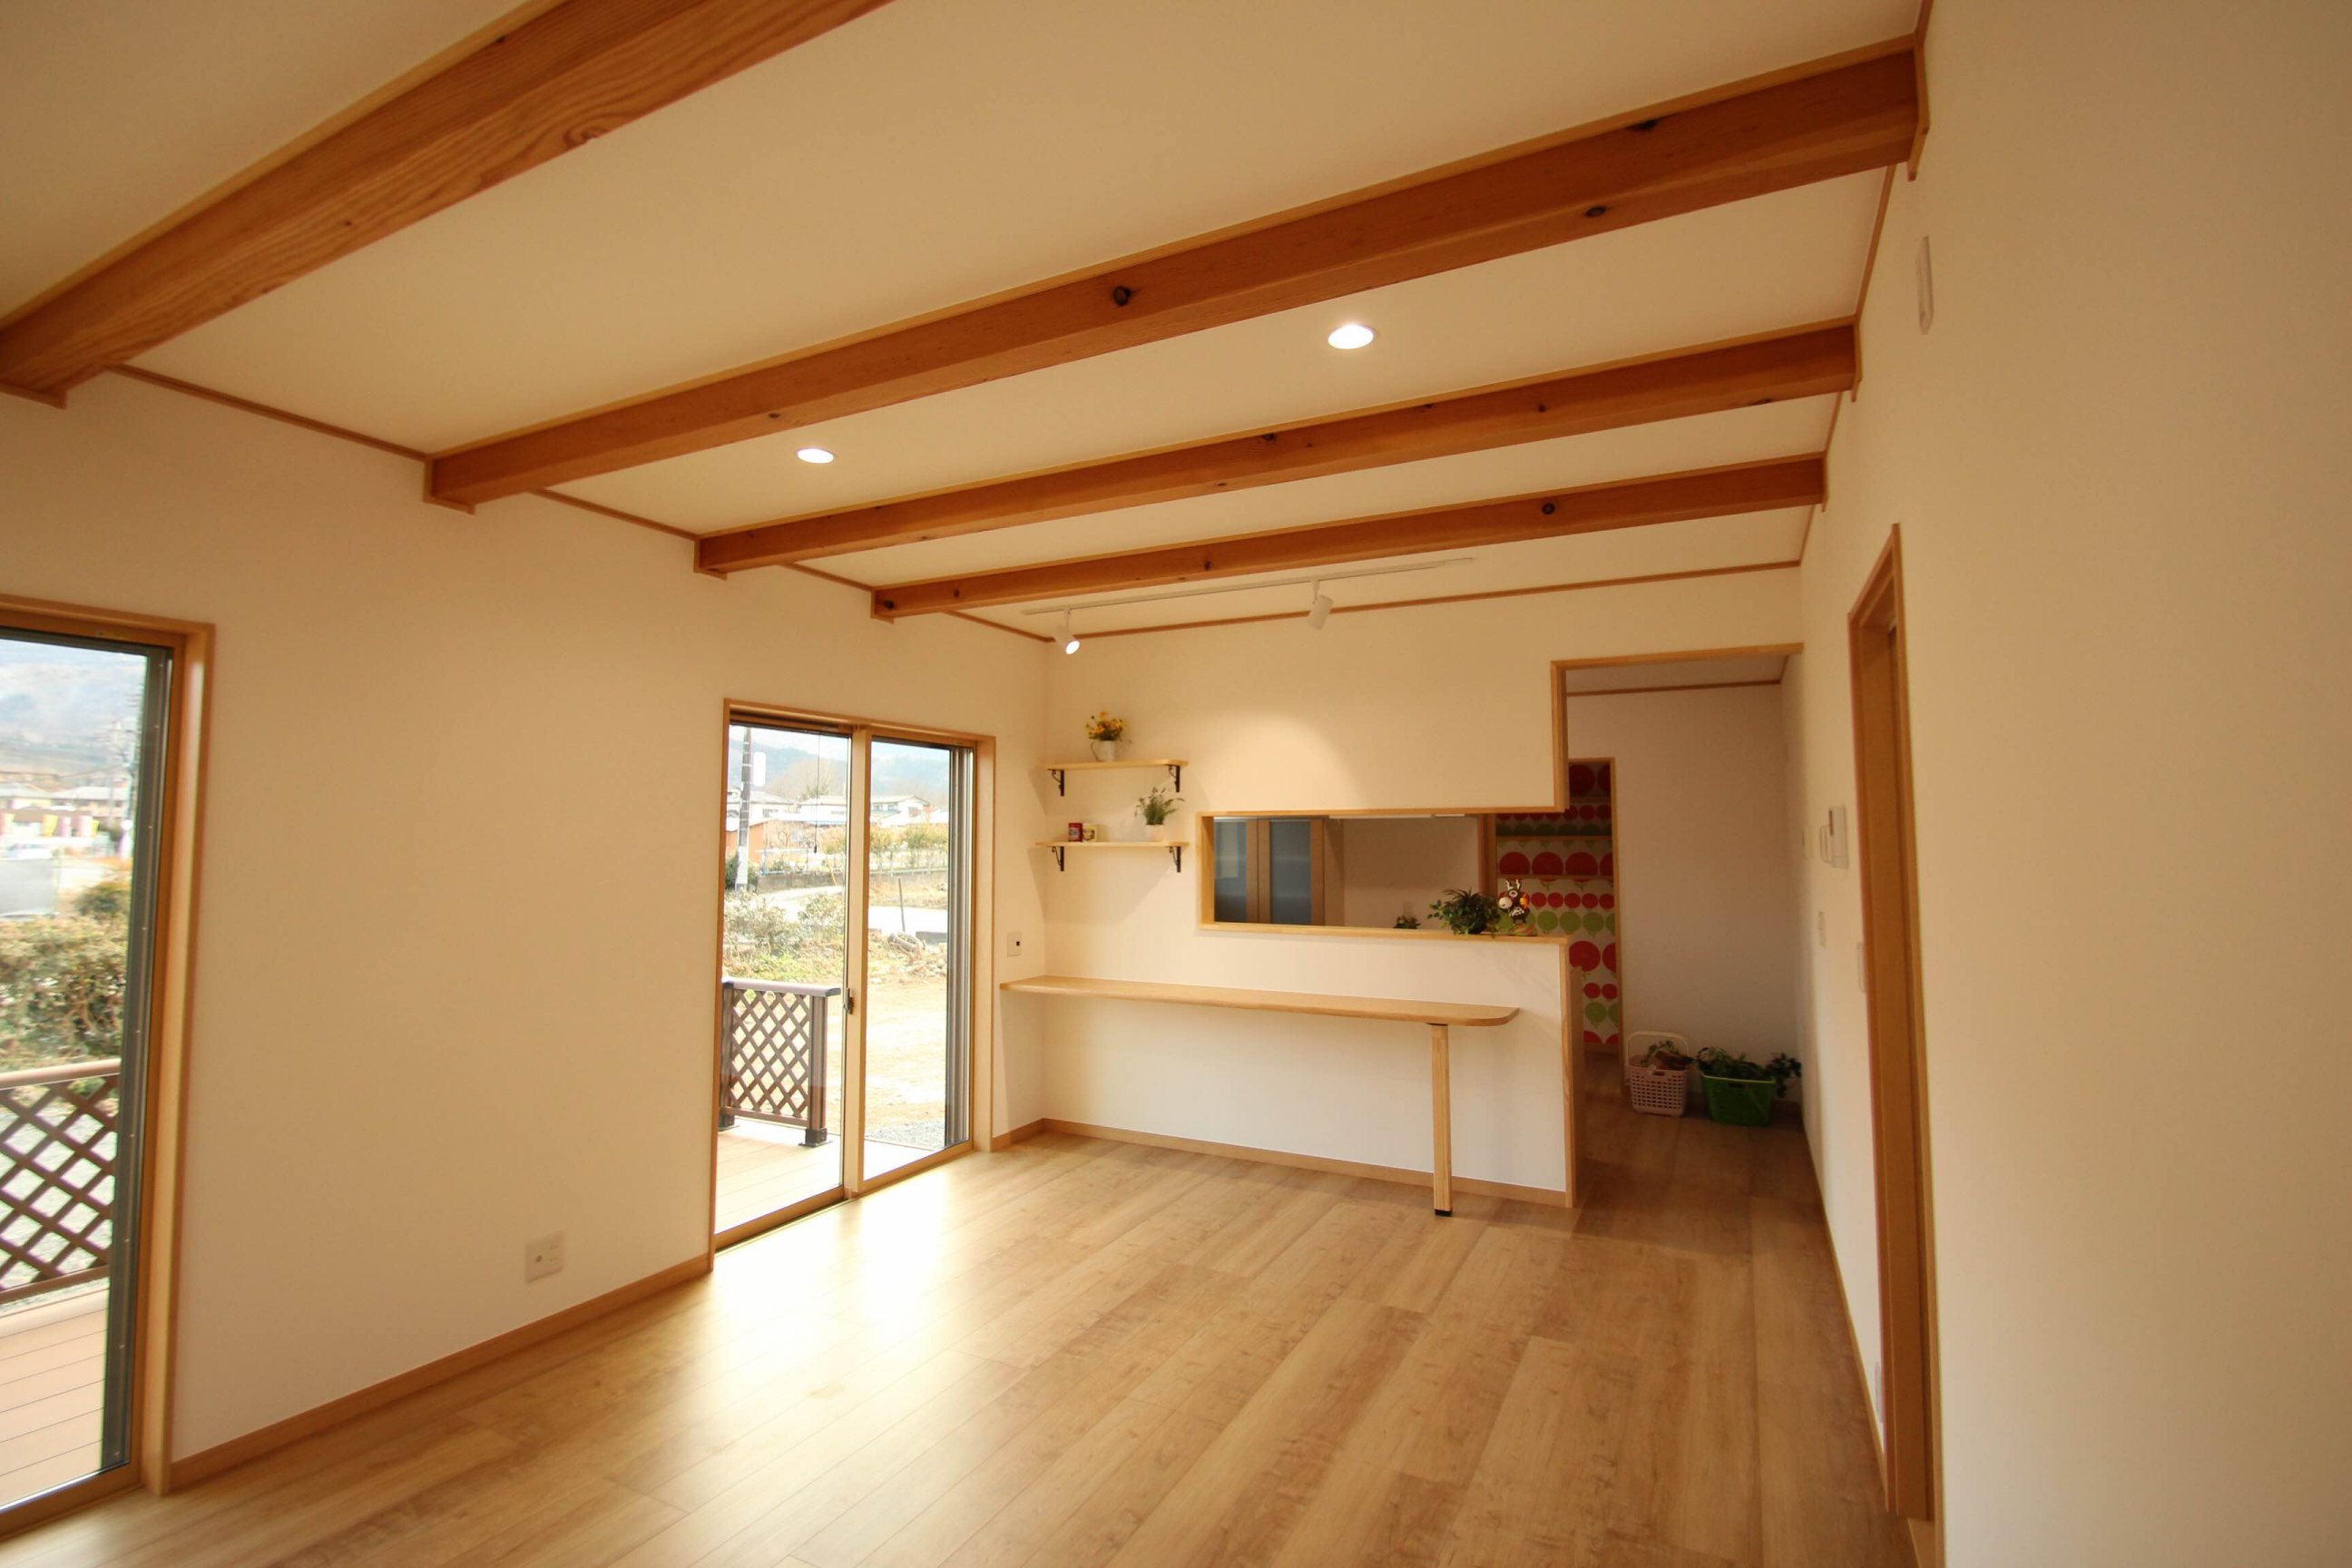 Natural Style 『空気が心地よいやわらかシンプルなお家』